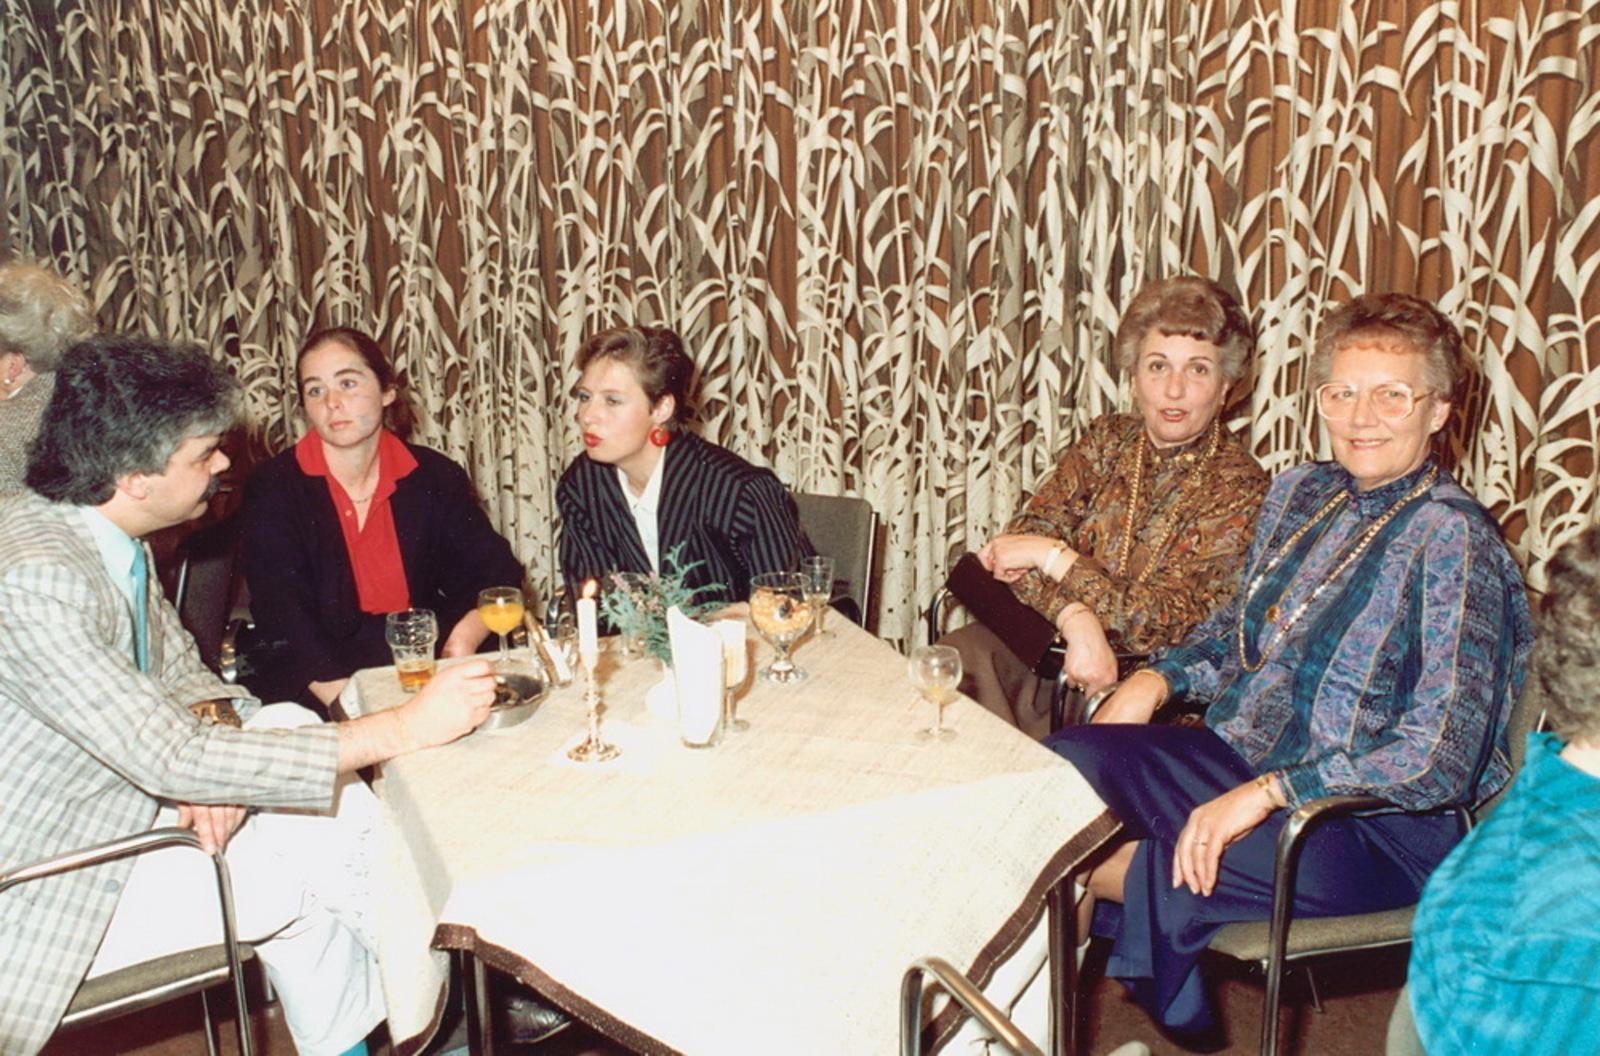 Marktlaan O 0022 1988 Sigarenboer Kraak 50jr Jub en Sluiting 55